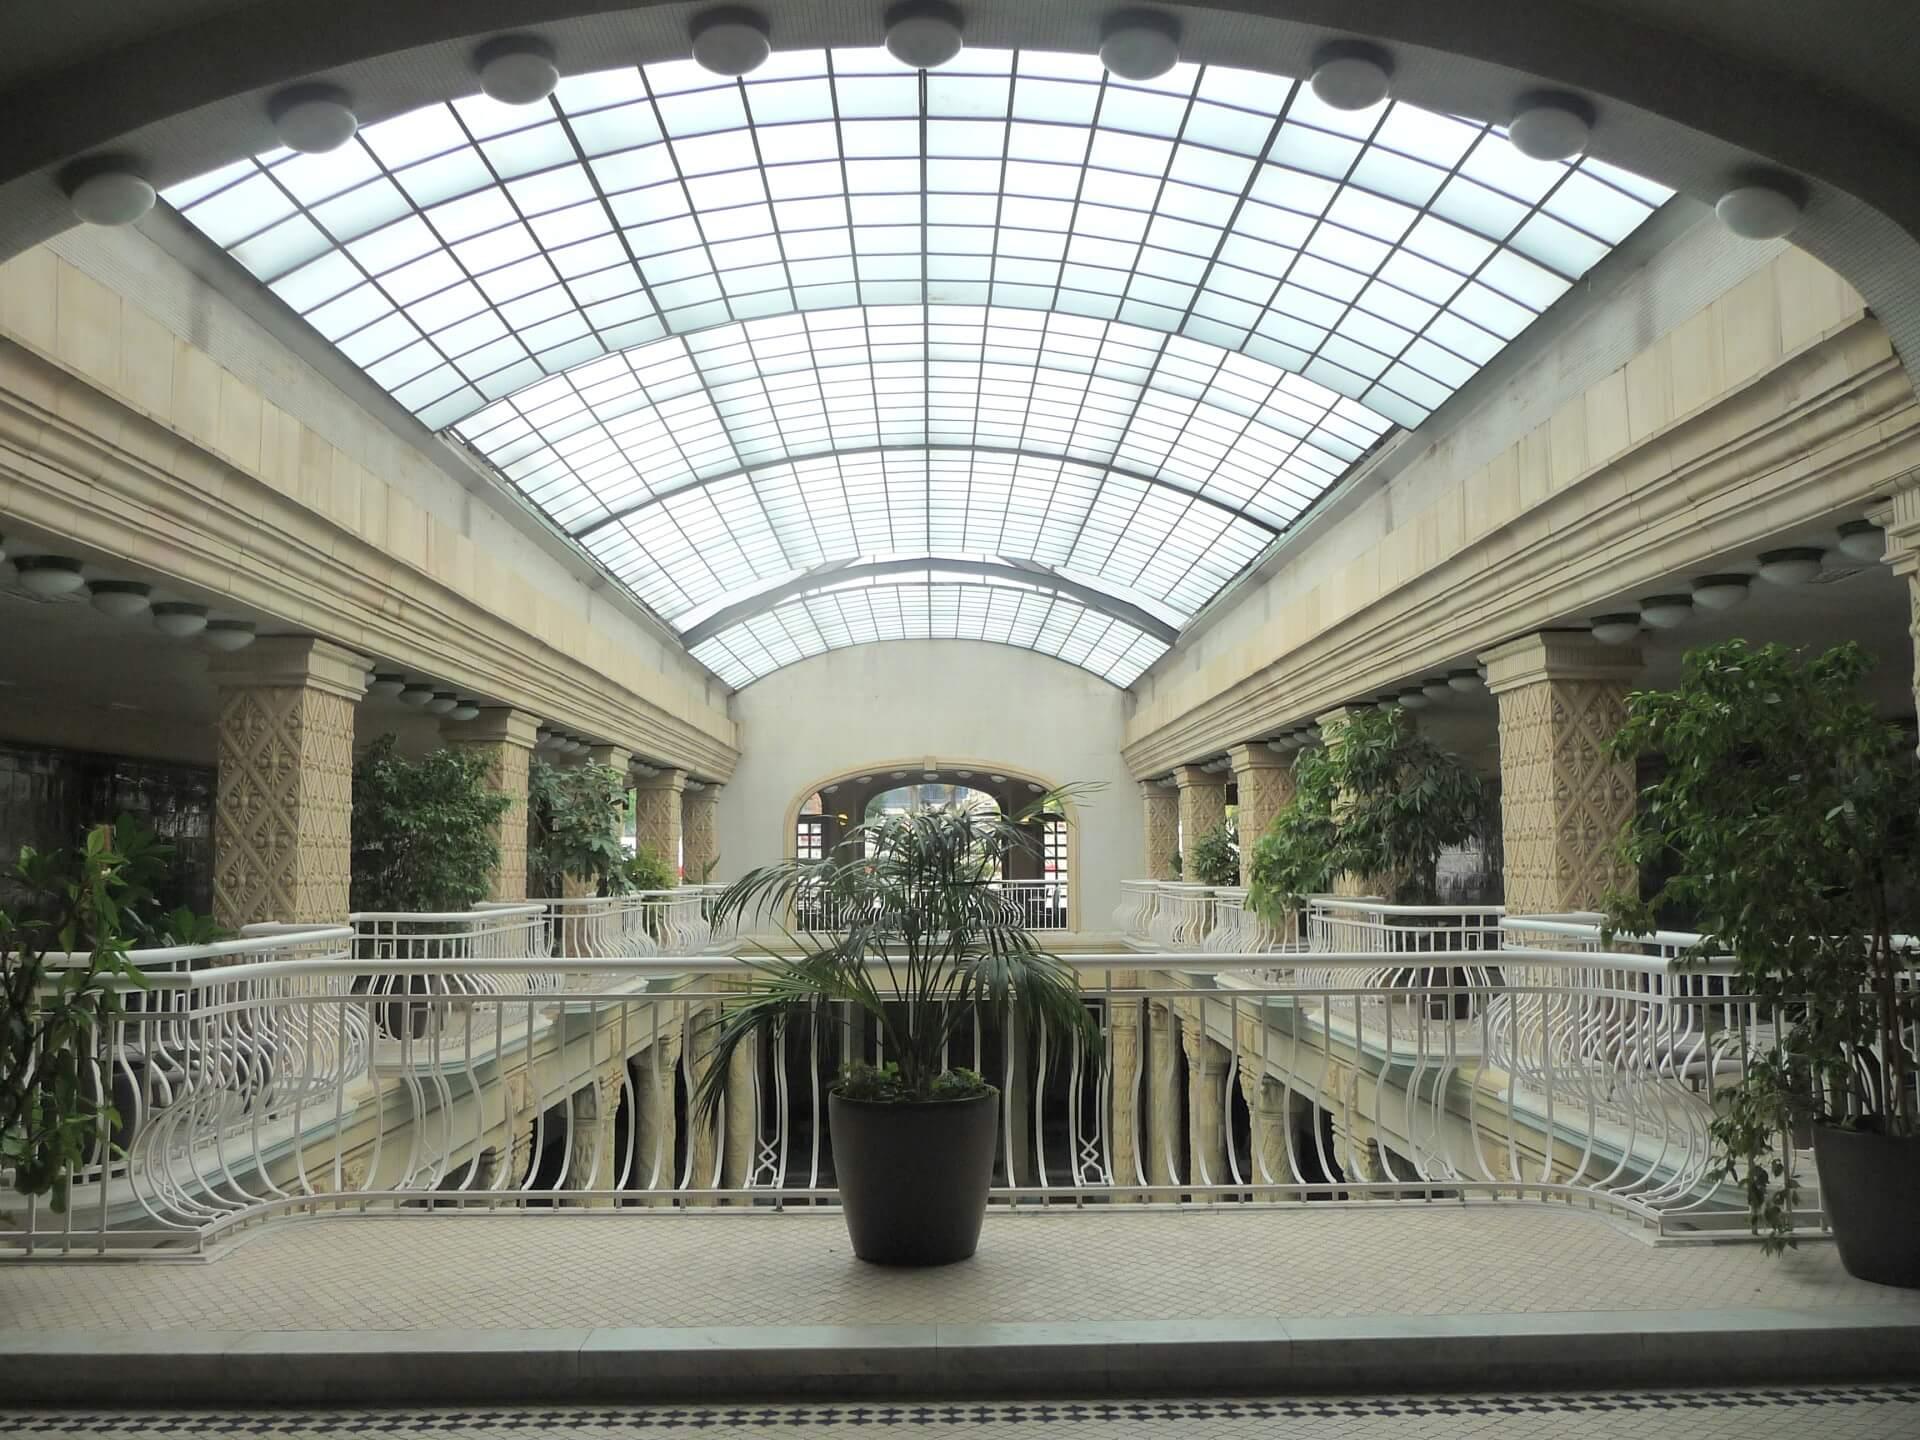 Empore und Dach am Schwimmbecken im Gellért-Bad